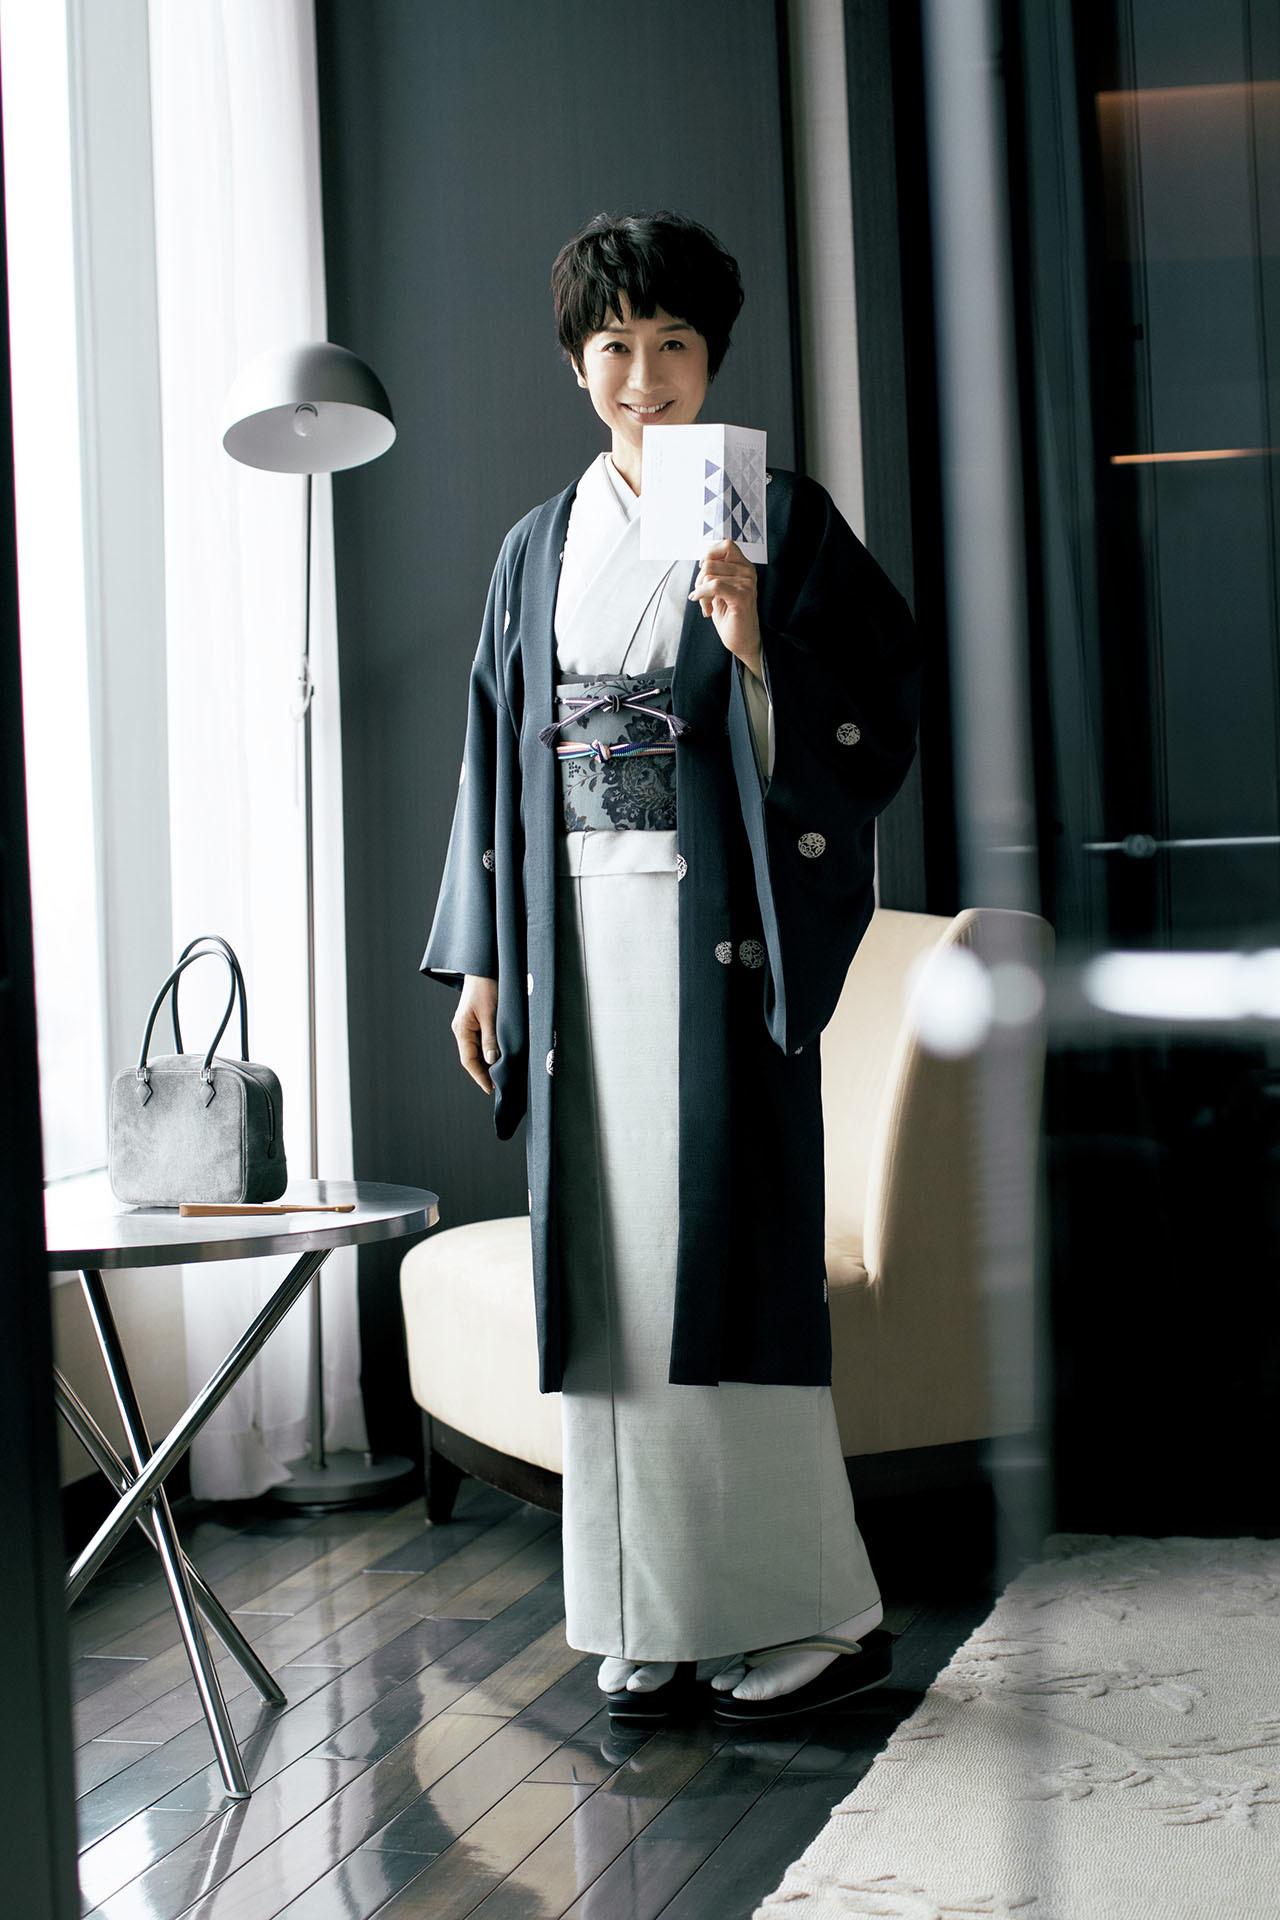 黒田知永子、取り合わせの楽しさのとりこに。「2年目」のきもの遊び 五選_1_1-1